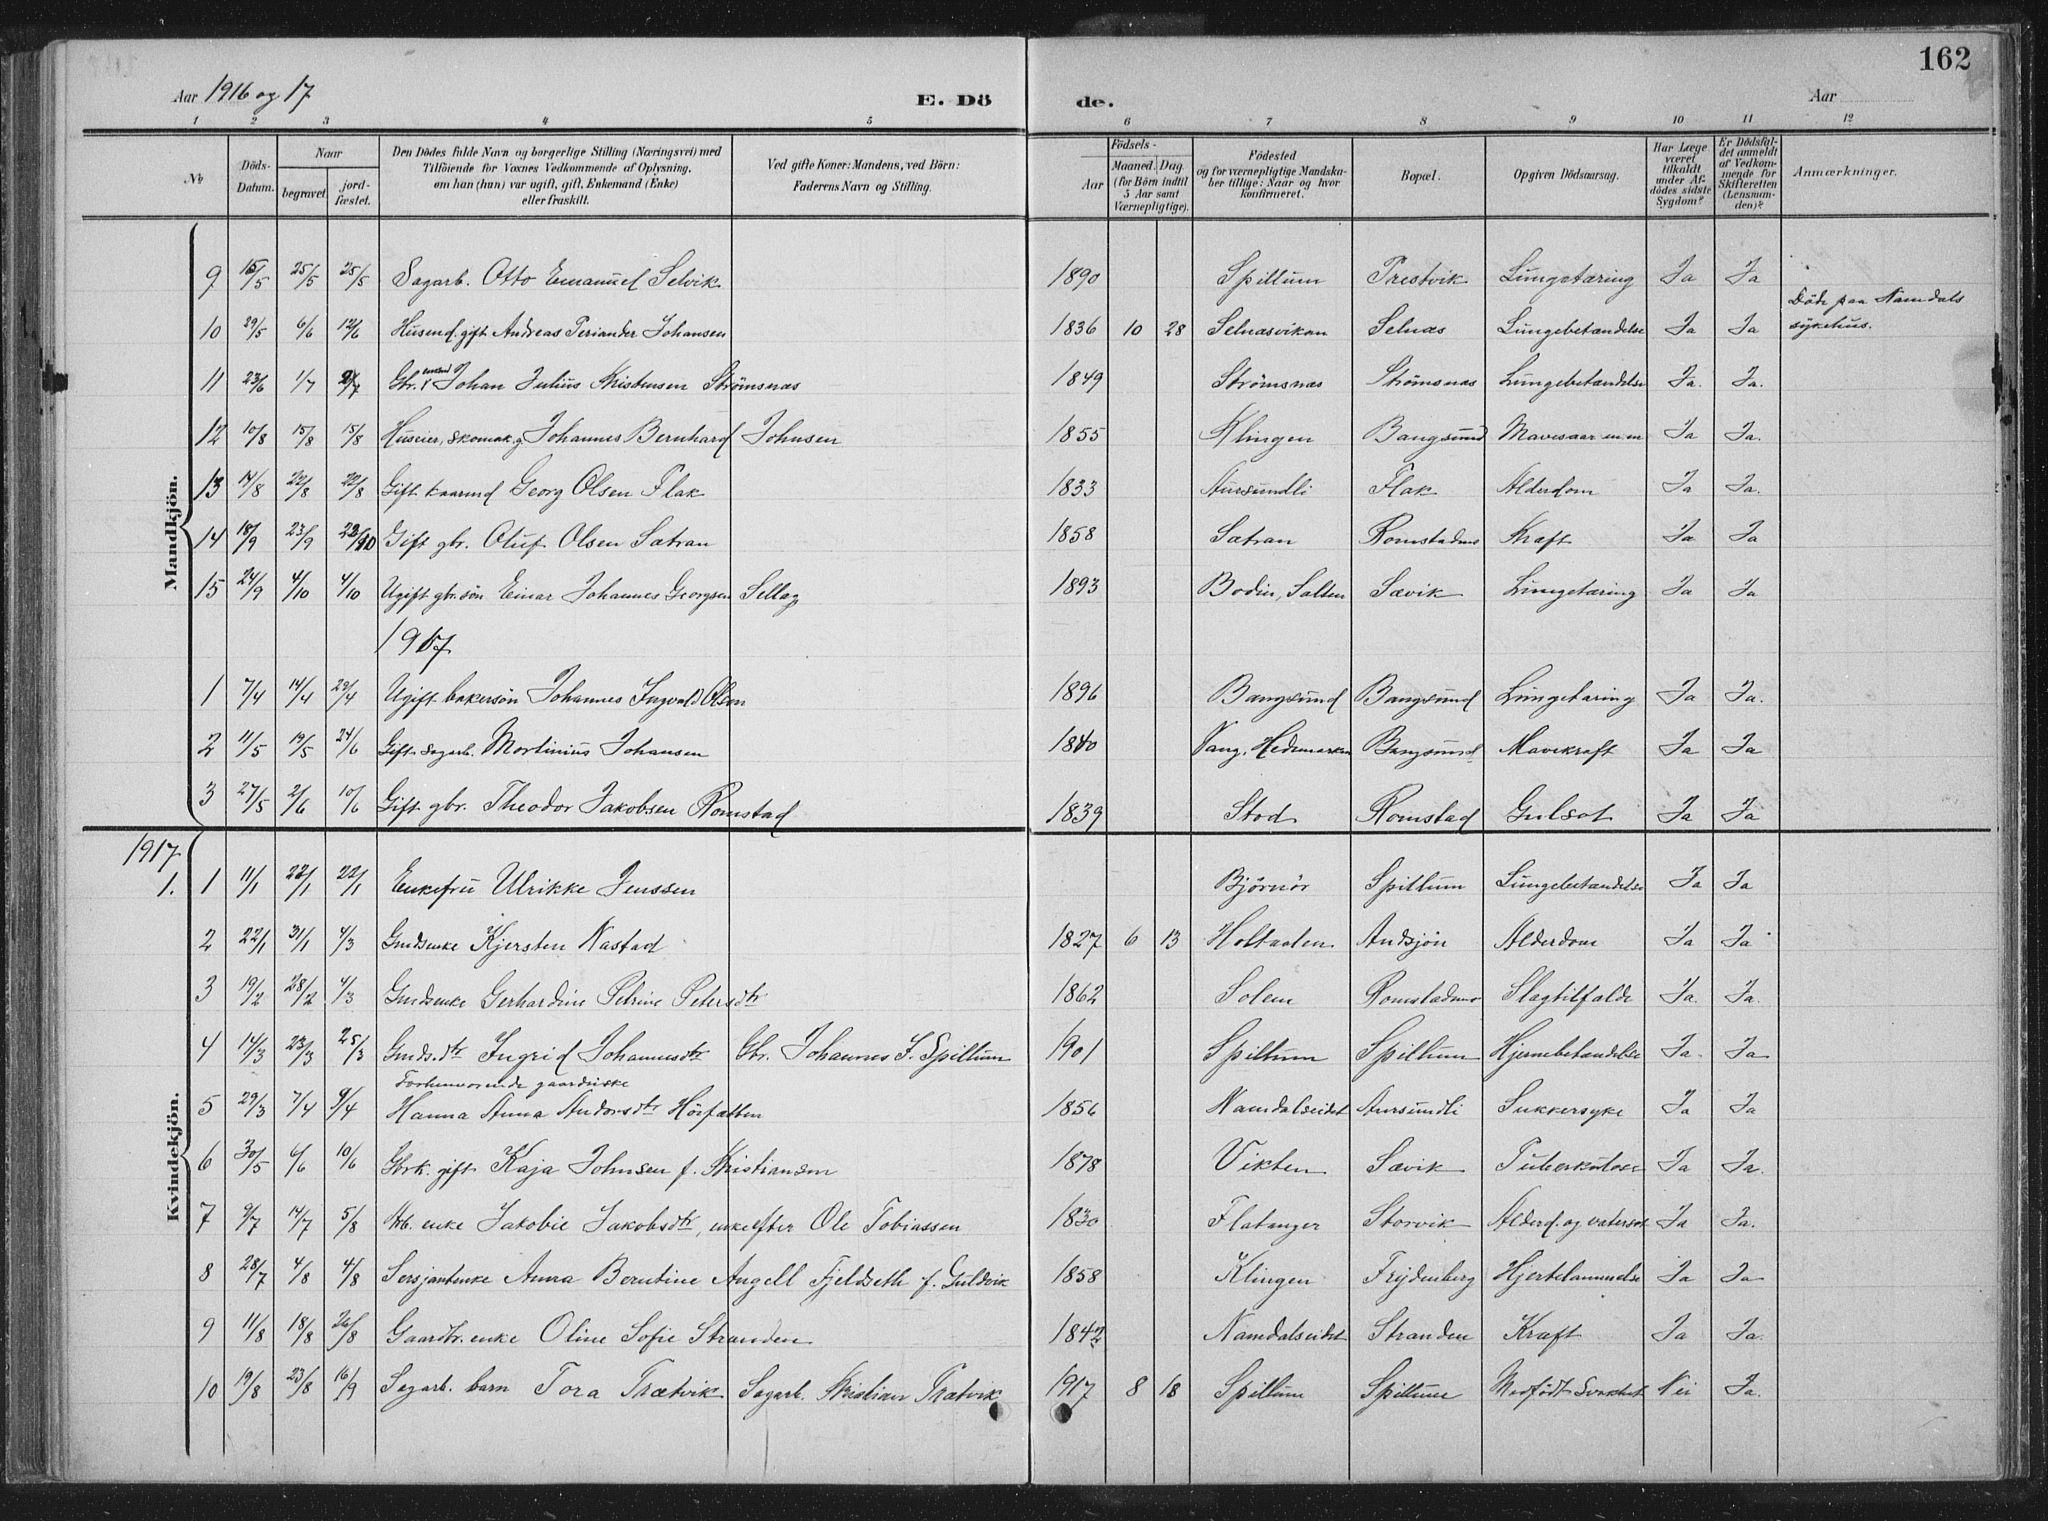 SAT, Ministerialprotokoller, klokkerbøker og fødselsregistre - Nord-Trøndelag, 770/L0591: Klokkerbok nr. 770C02, 1902-1940, s. 162